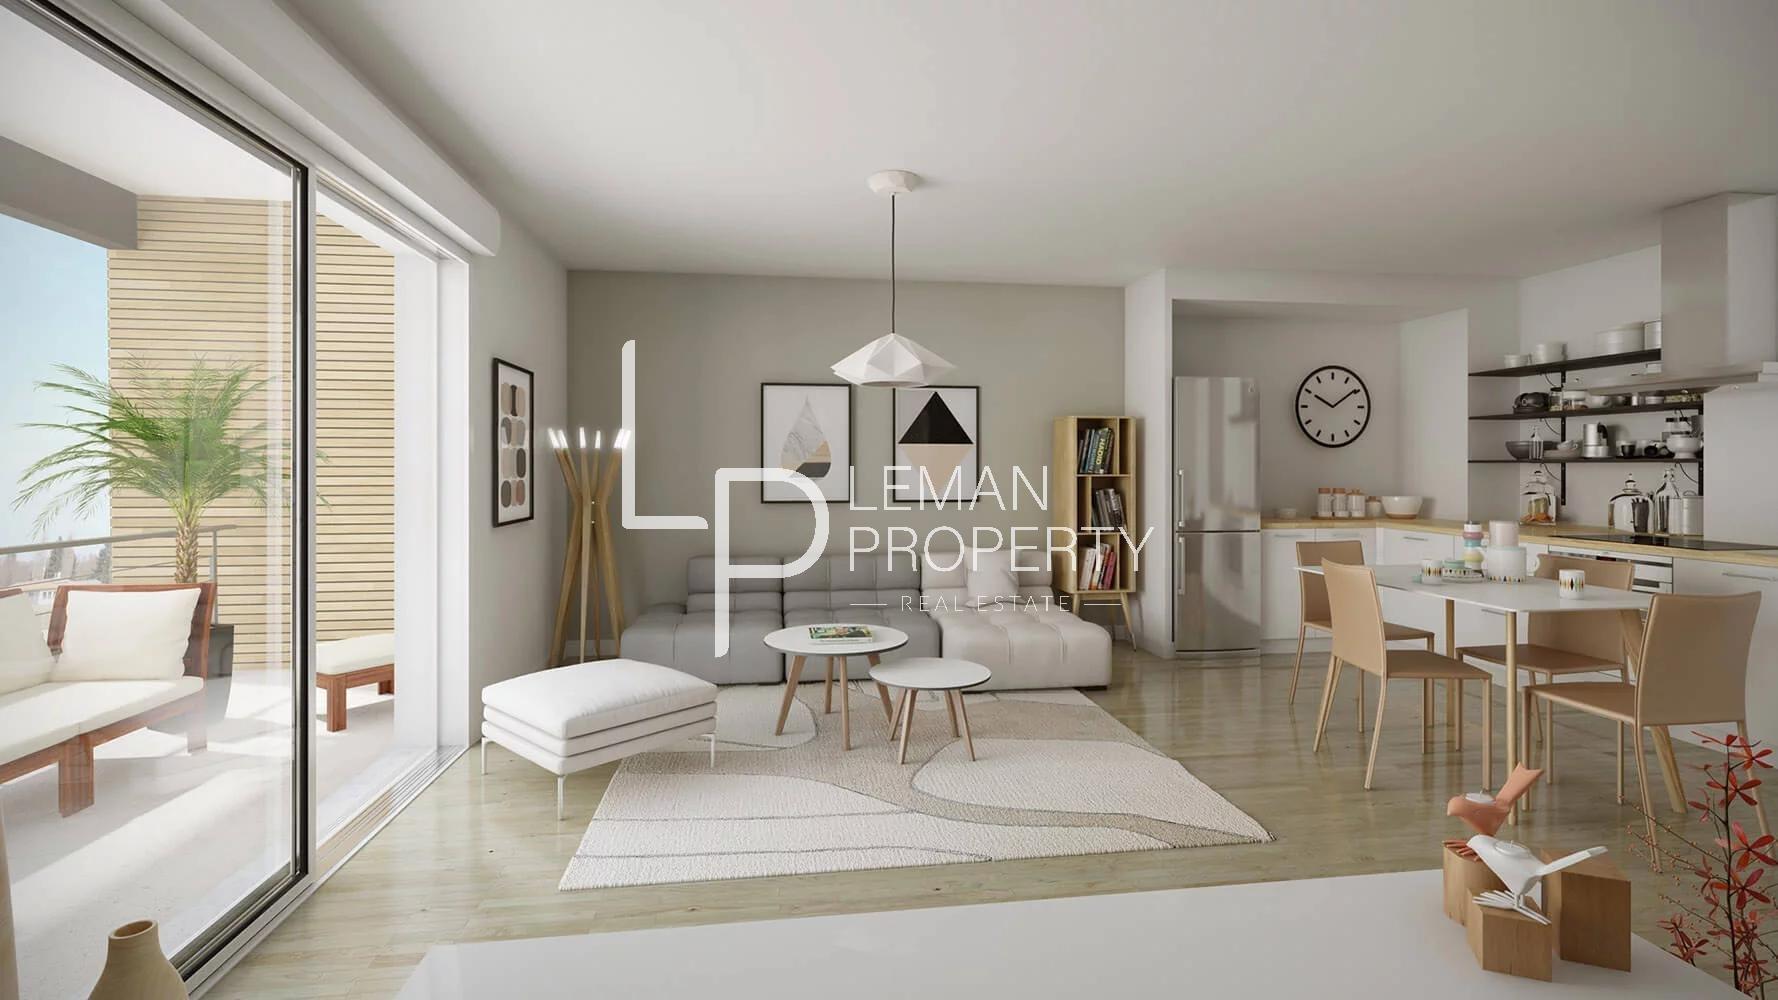 Vente de appartement à Aix-les-Bains au prix de 348000€